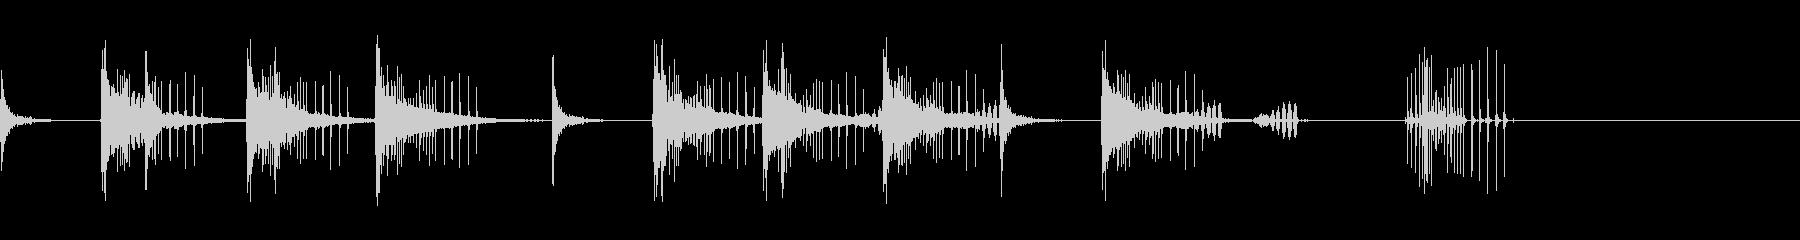 とんとん(派手な建設中の音)B14の未再生の波形